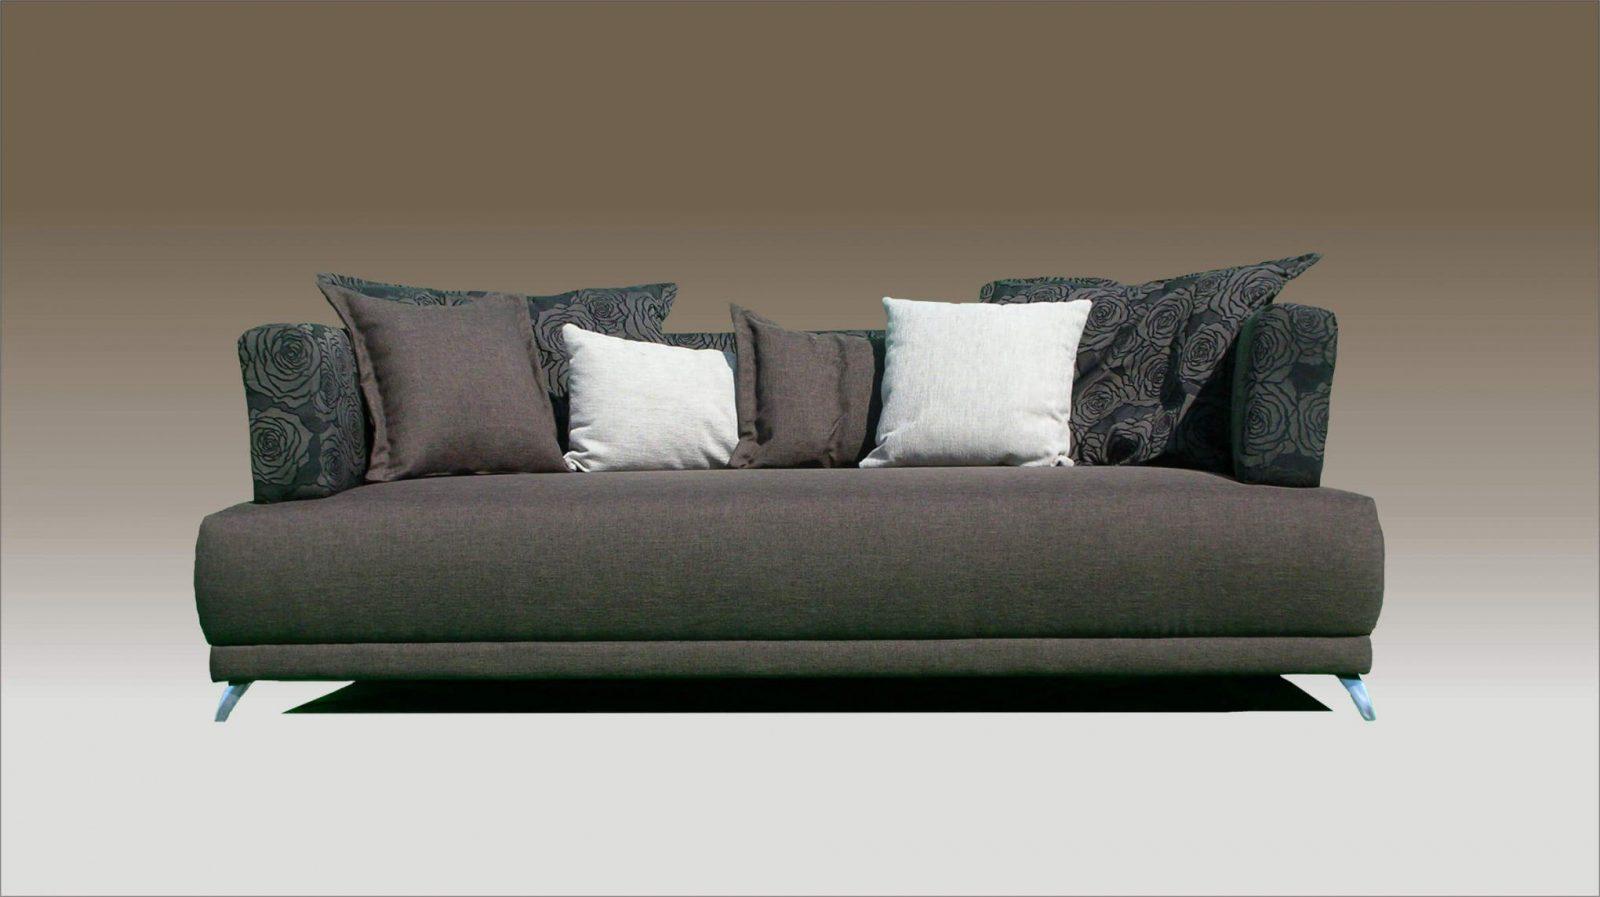 Kleine Sofas Kleine Raume 2 Sitzer  Design von Moderne Sofas Für Kleine Räume Bild